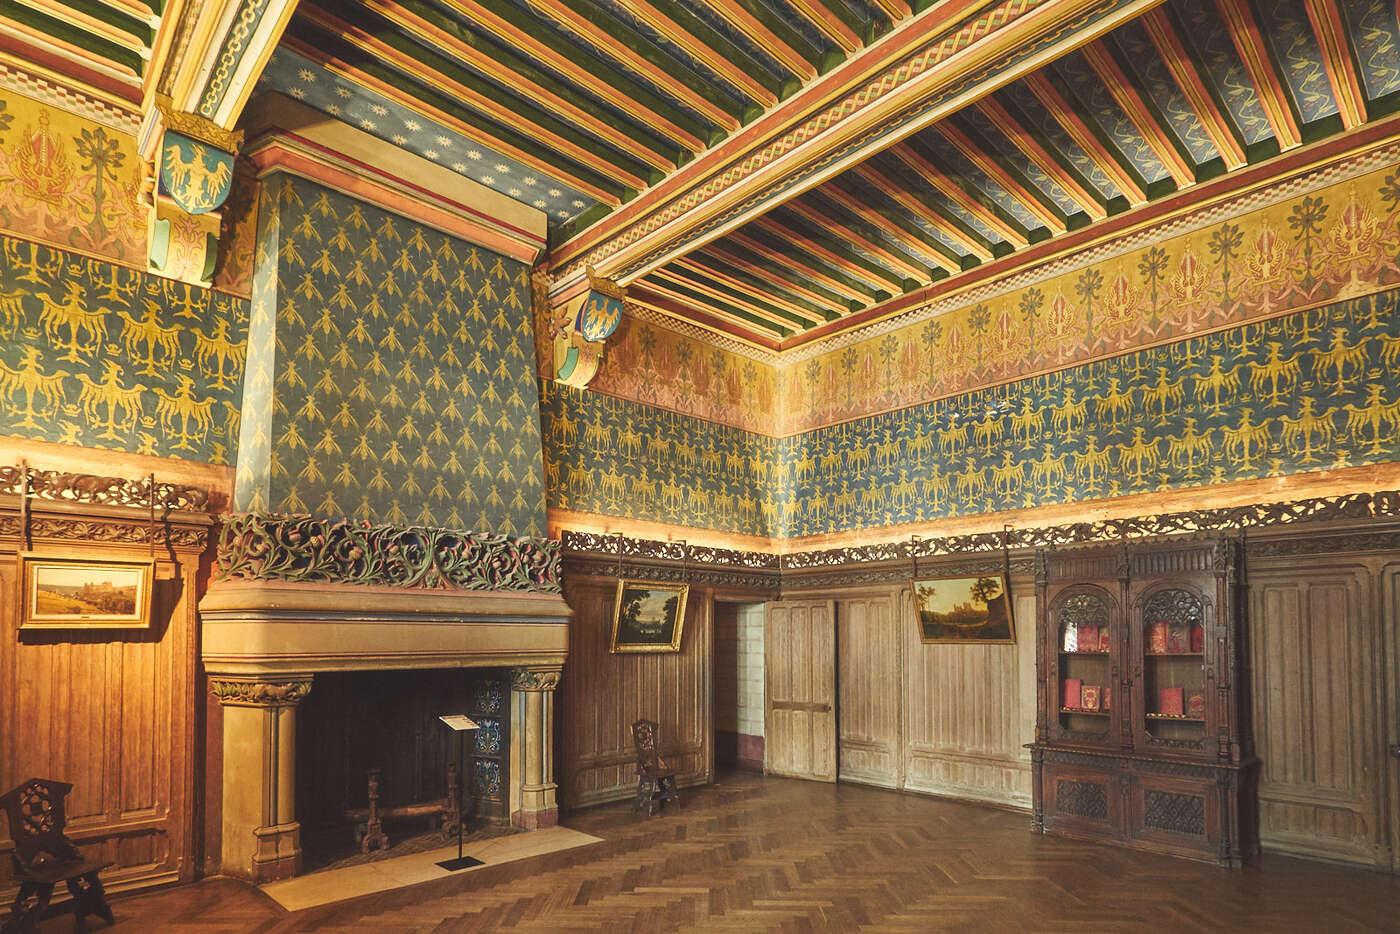 Cabinet de travail du château de Pierrefonds